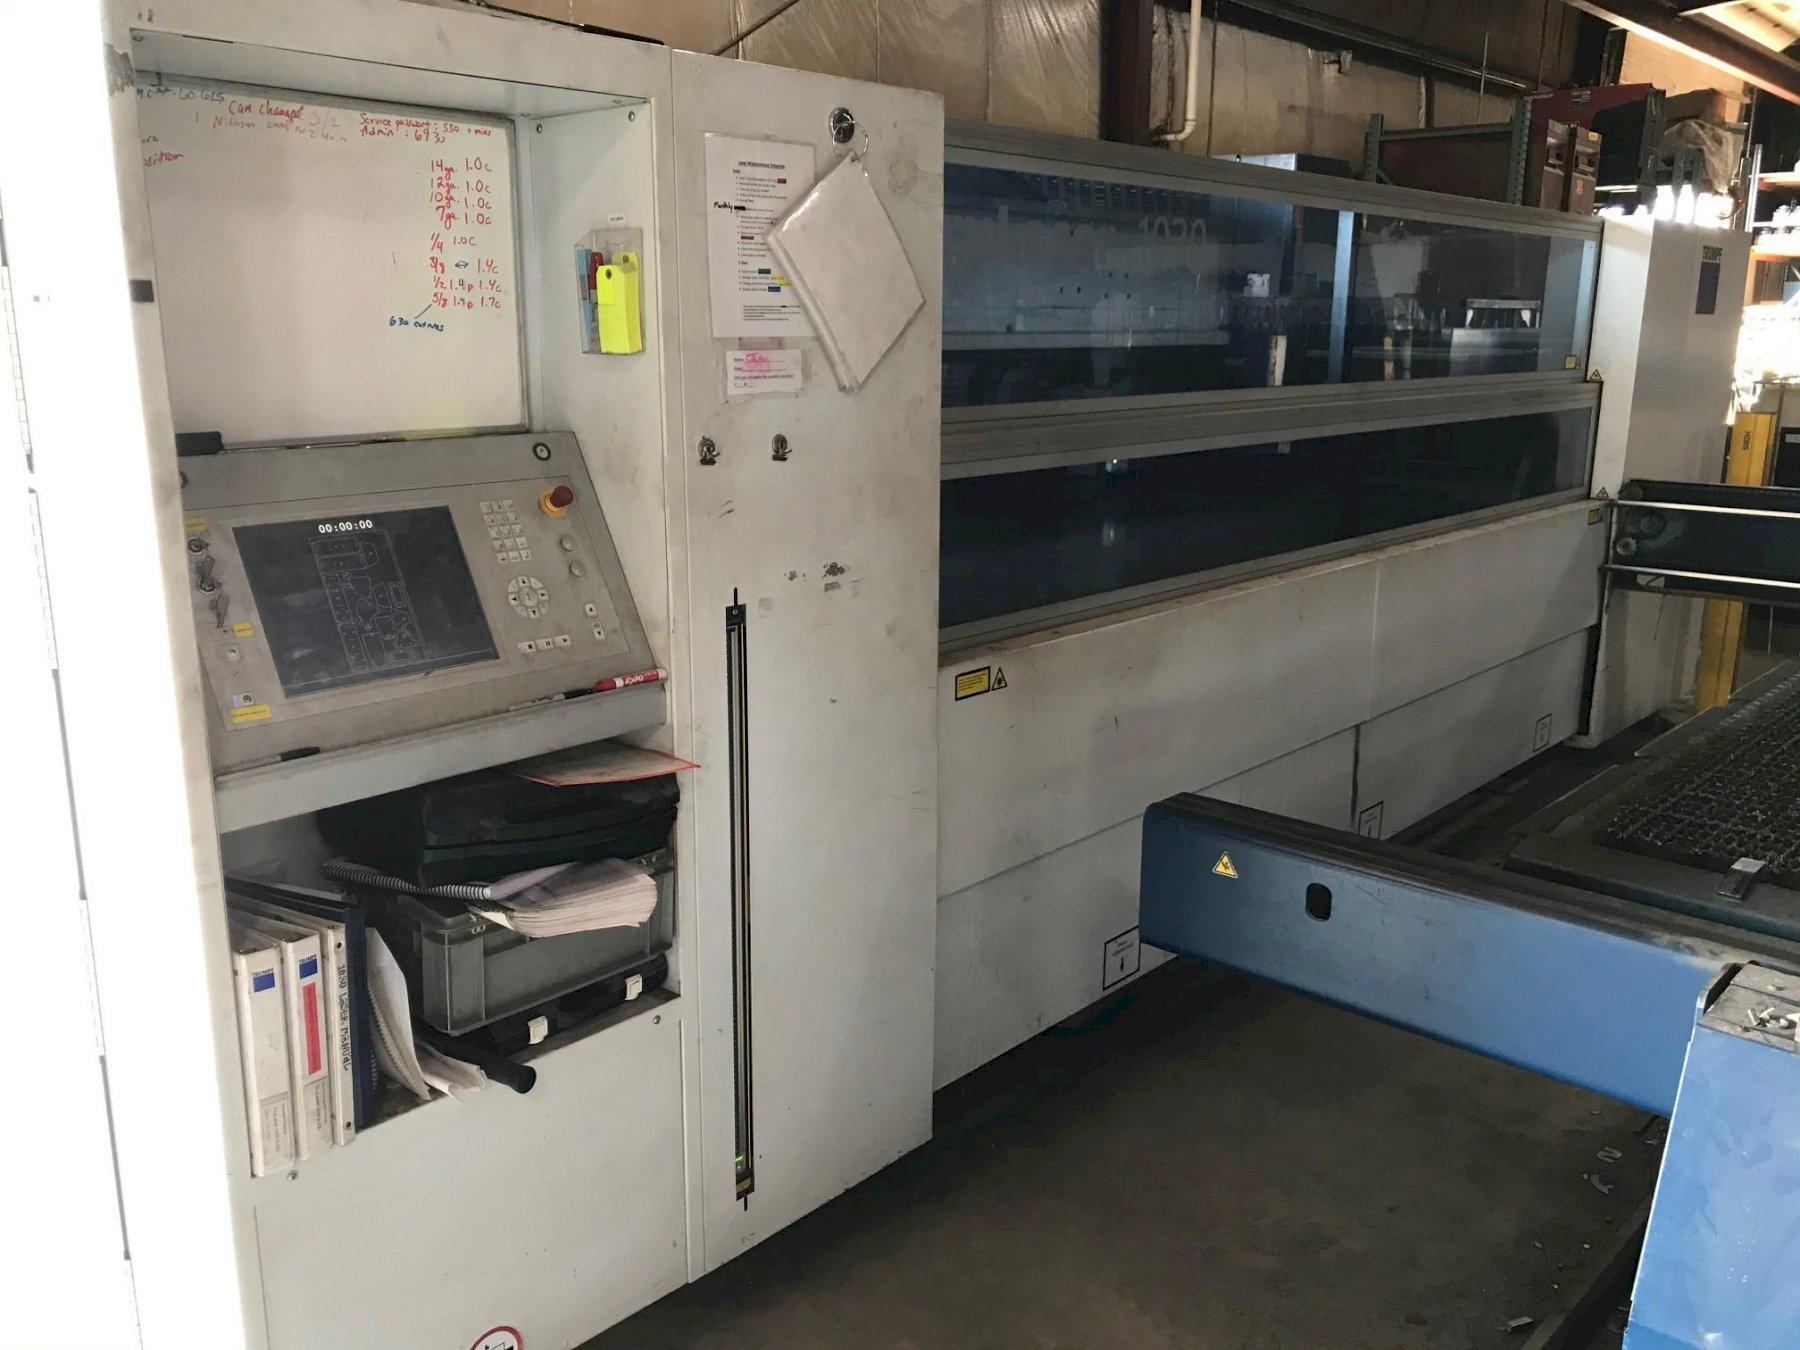 2012 Trumpf Trulaser 1030, 5' x 10', 2500 Watt Co2 Laser